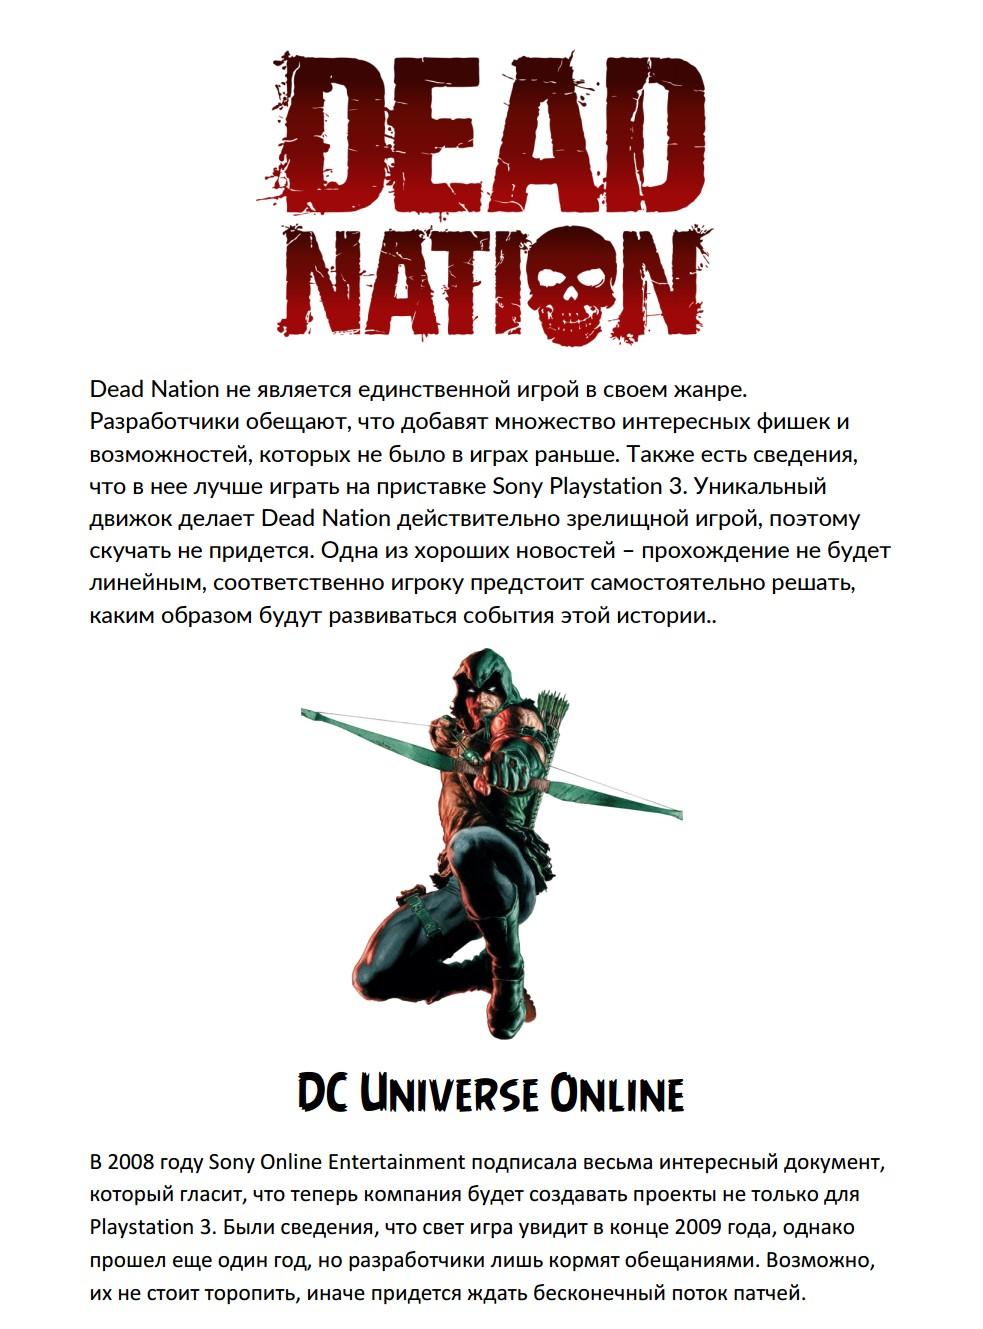 Dead Nation и Universe Online